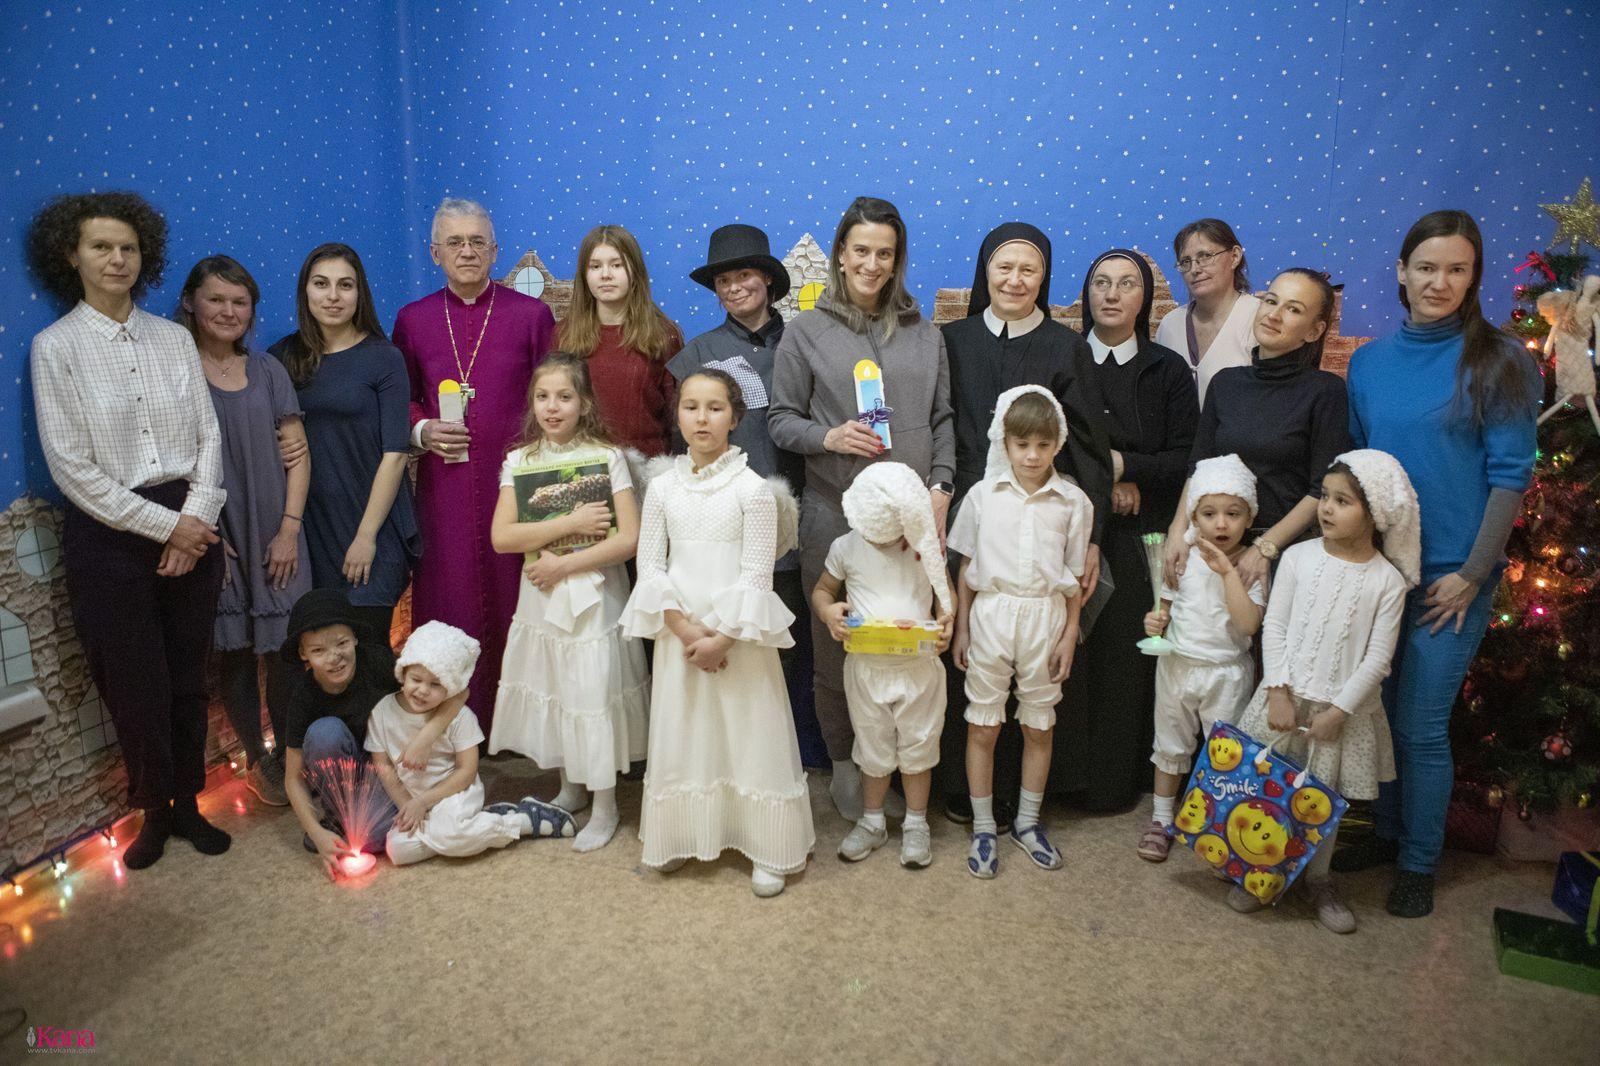 Рождество Христово отпраздновали в Центре детского досуга «Божьи коровки» (ФОТО)